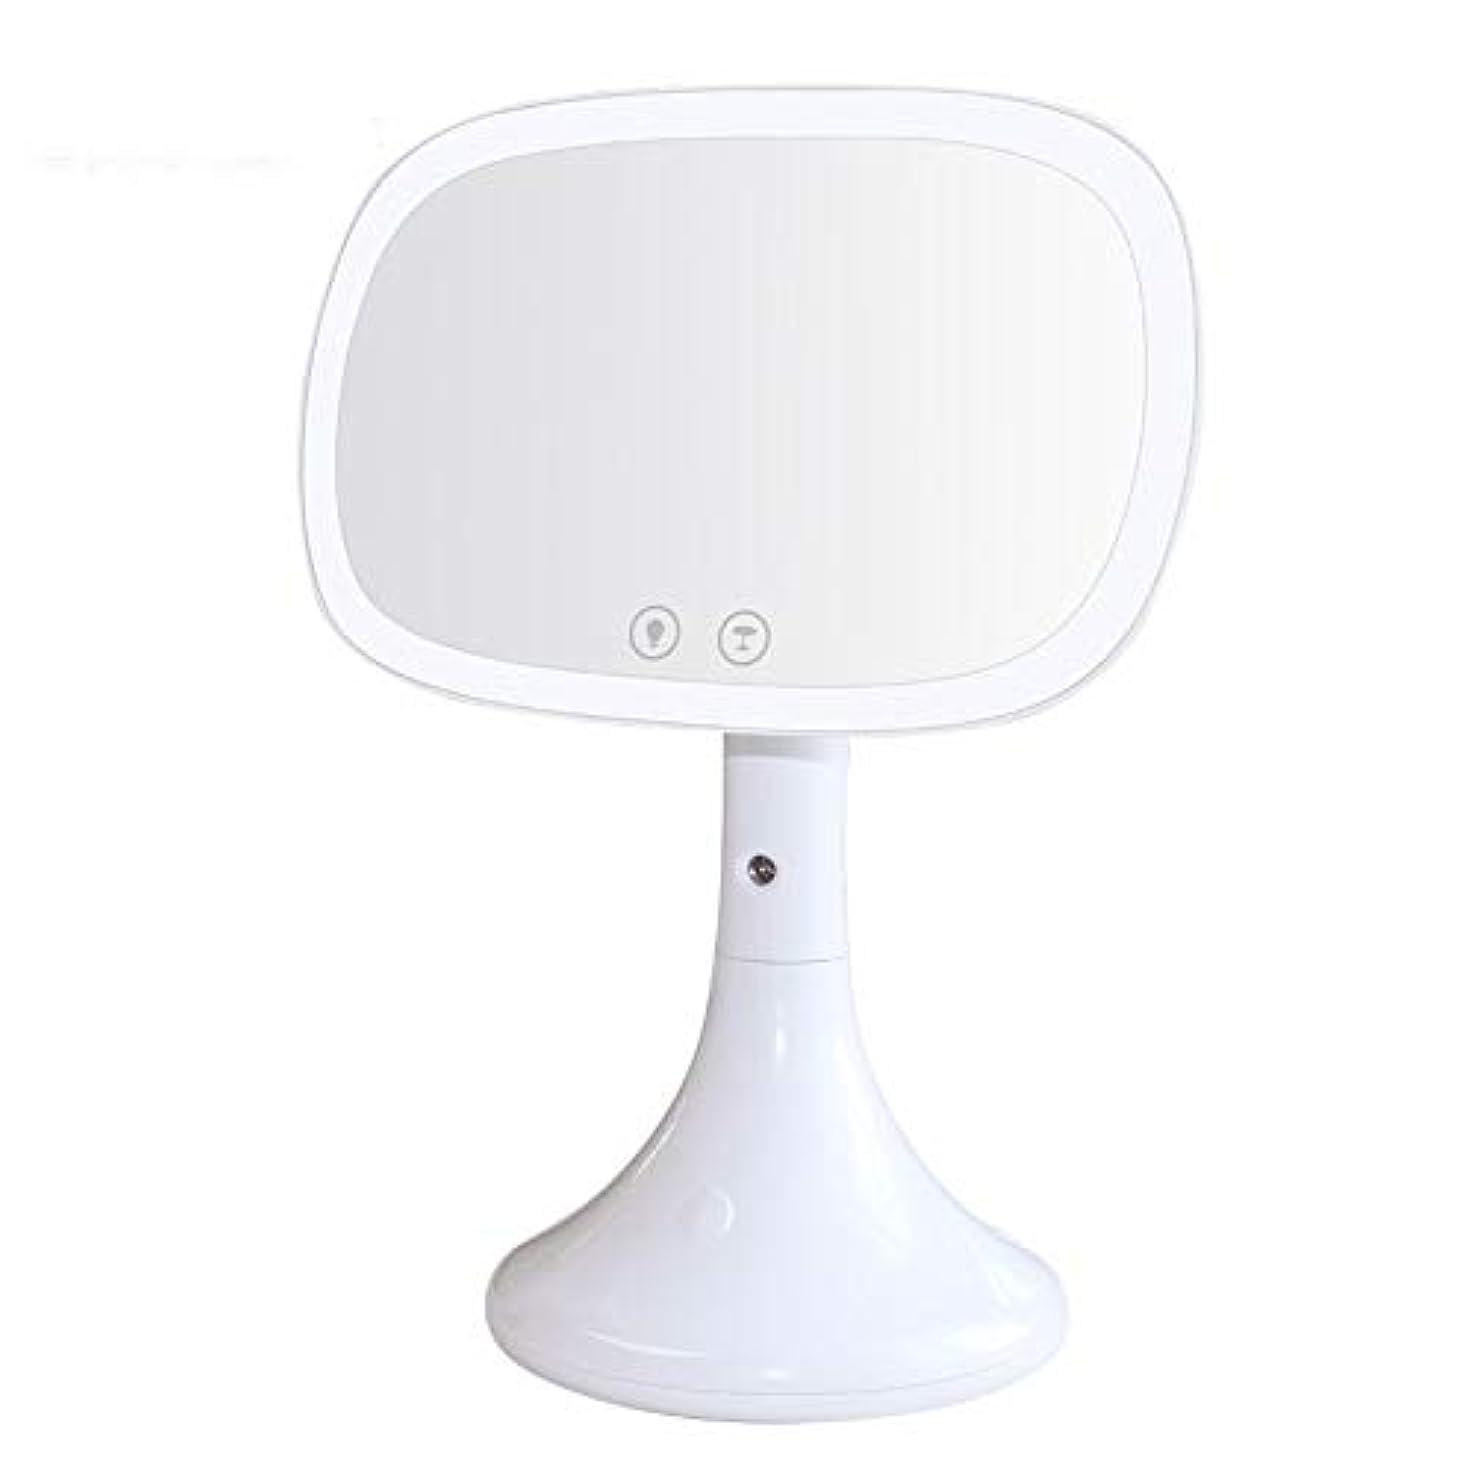 あなたはショップ蒸流行の USBデスクトップ化粧鏡LED美容保湿化粧鏡水スプレーホワイトピンク (色 : White)